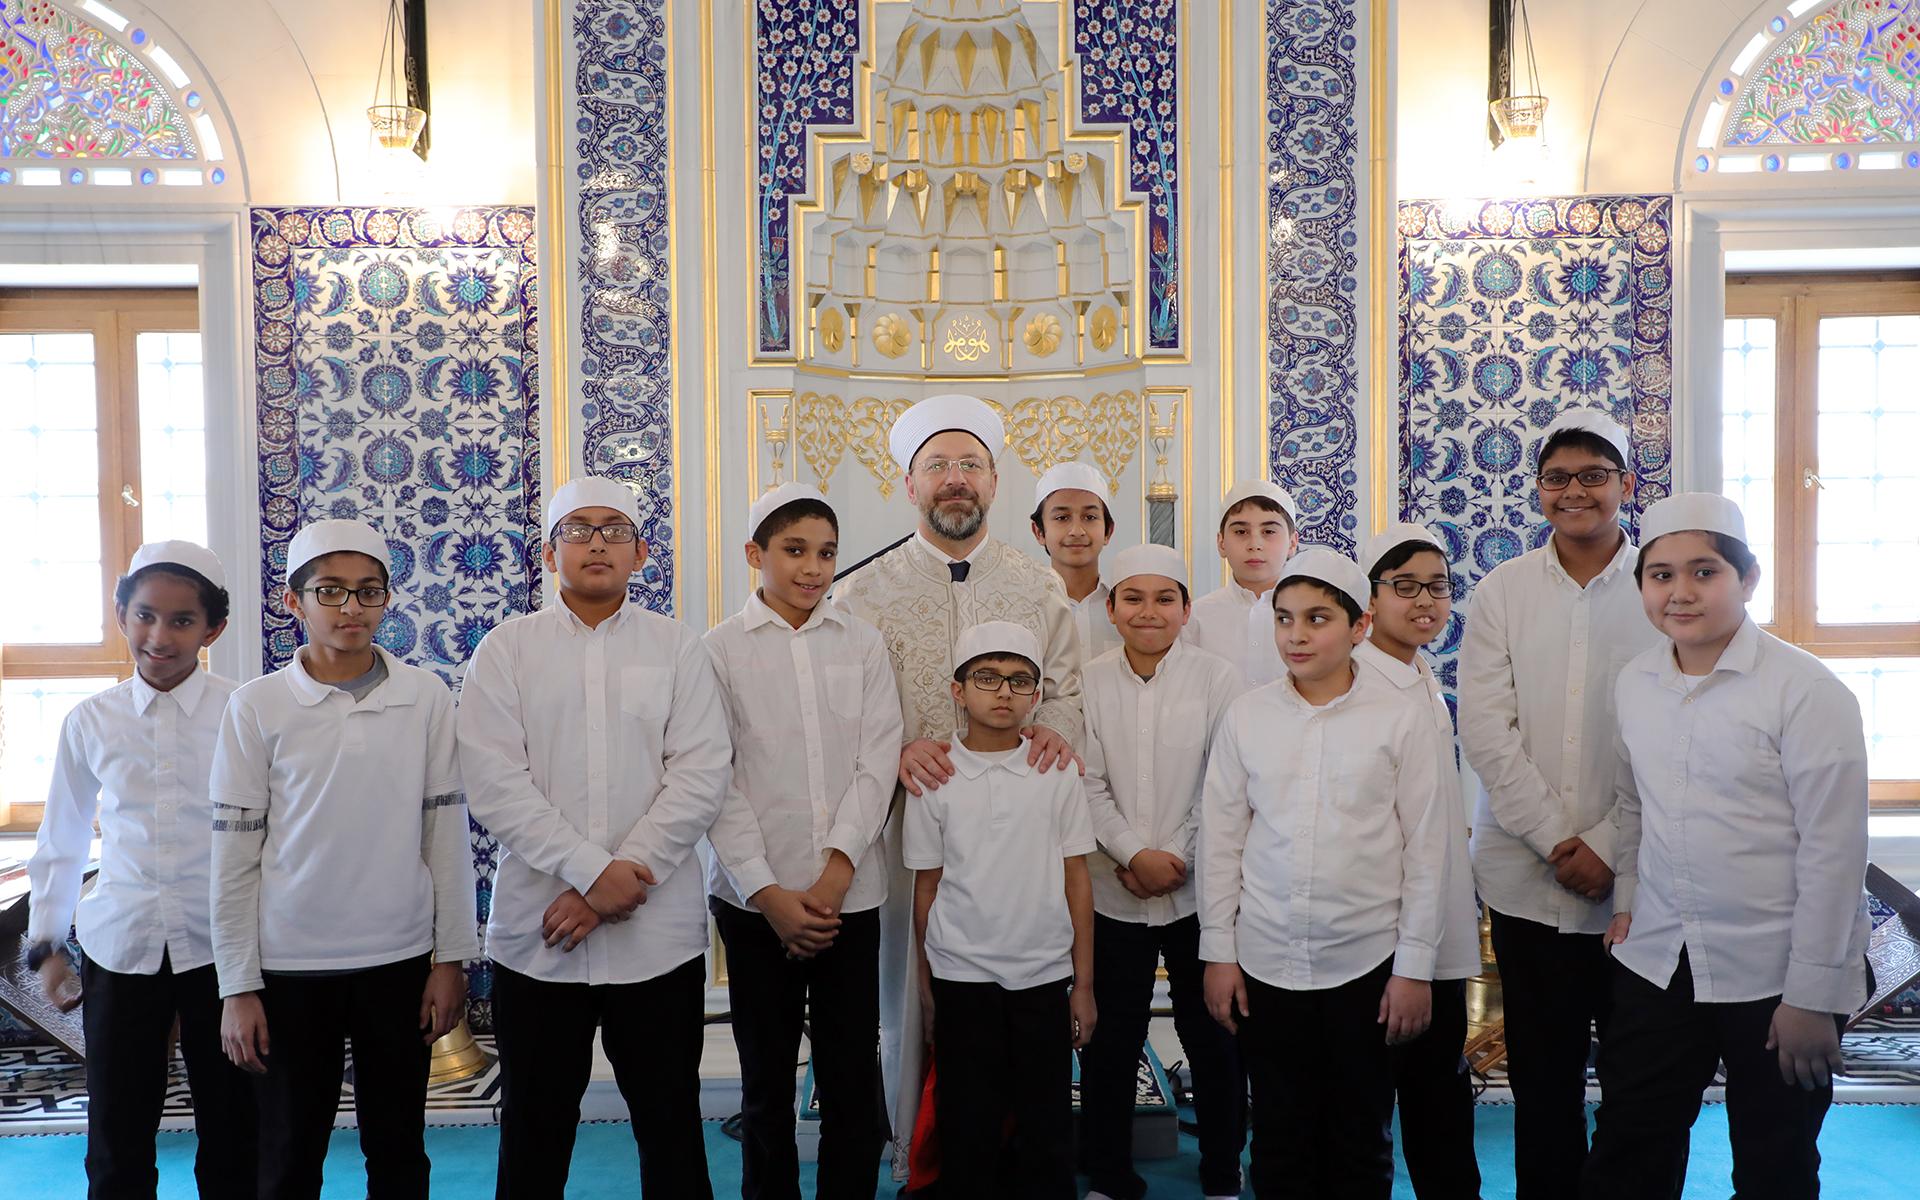 juma-prayer-khutbah-diyanet-isleri-baskani-4